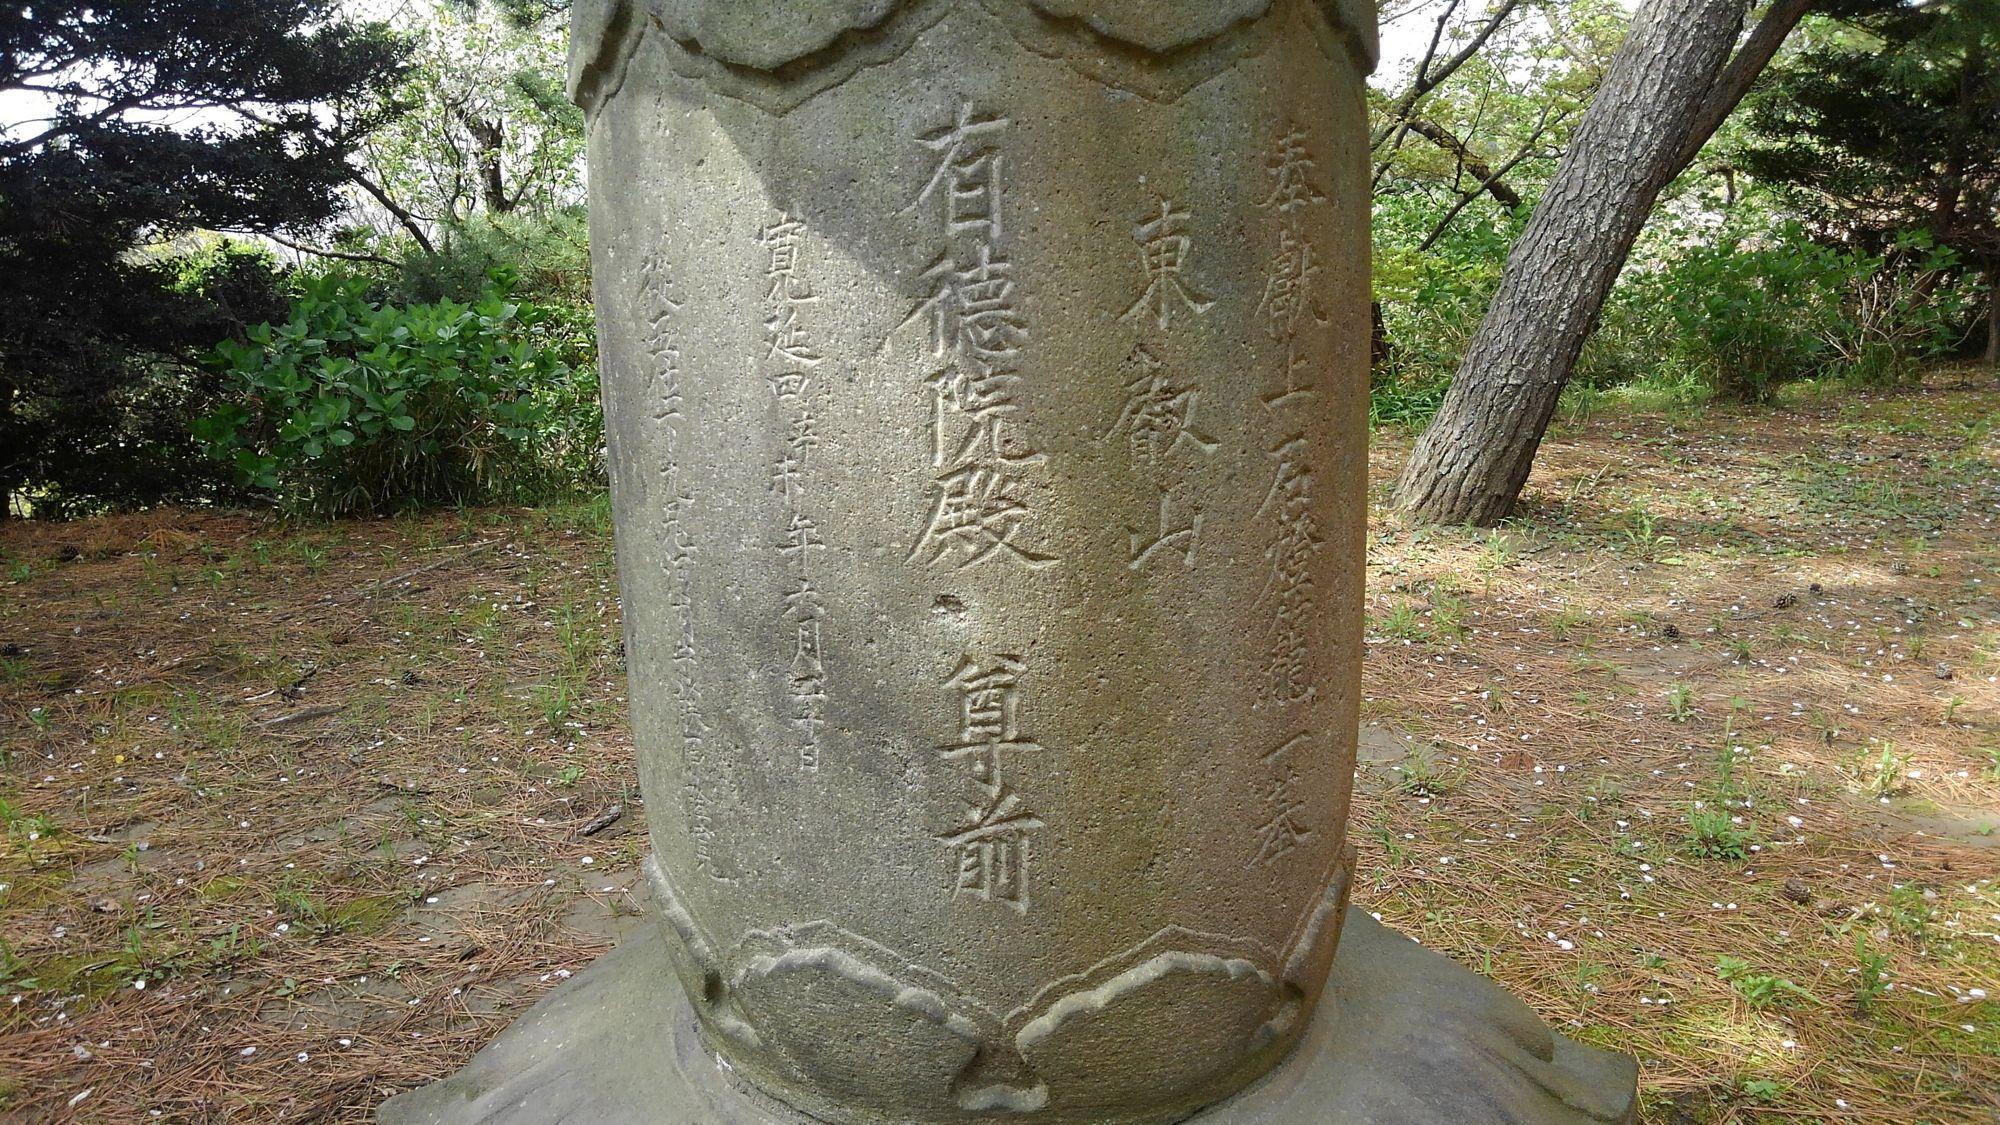 石灯篭、東叡山有徳院尊前従五位下九鬼河内守藤原隆寛